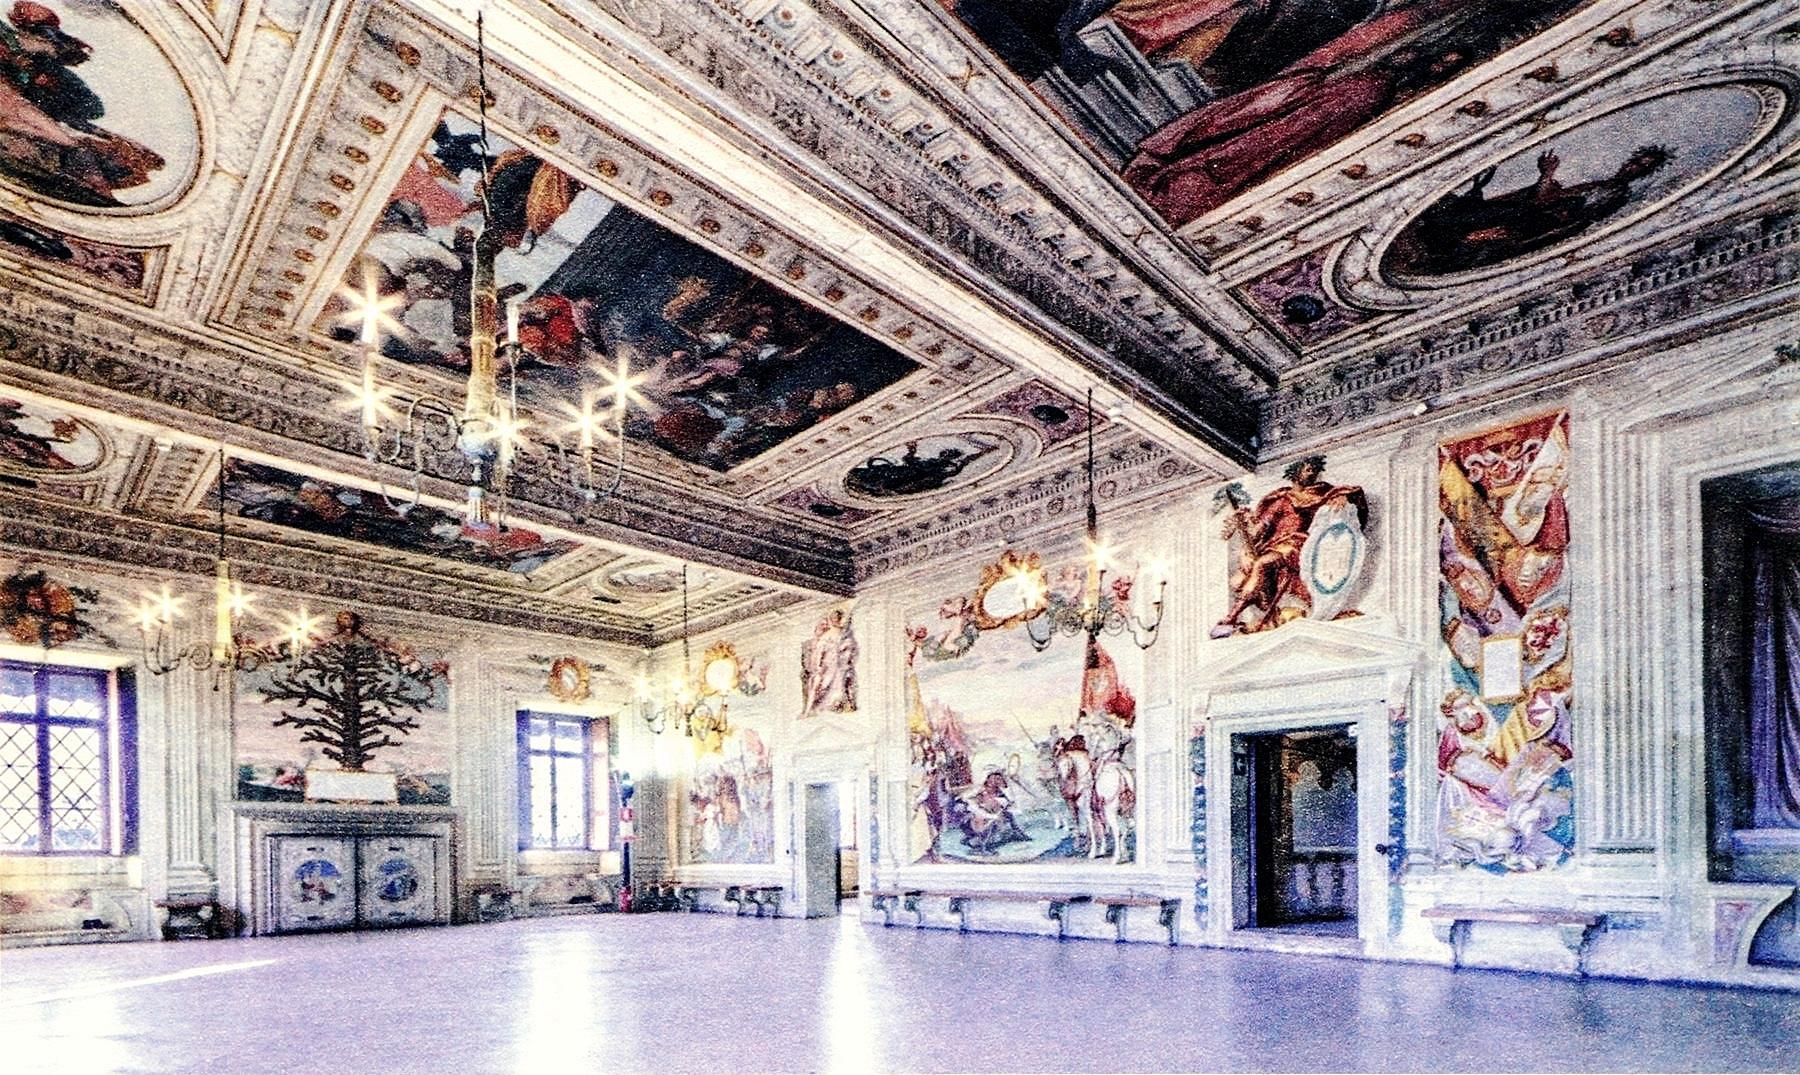 Il salone dell'albero genealogico della famiglia Obizzi con gli affreschi di Giovanni Battista Zelotti.